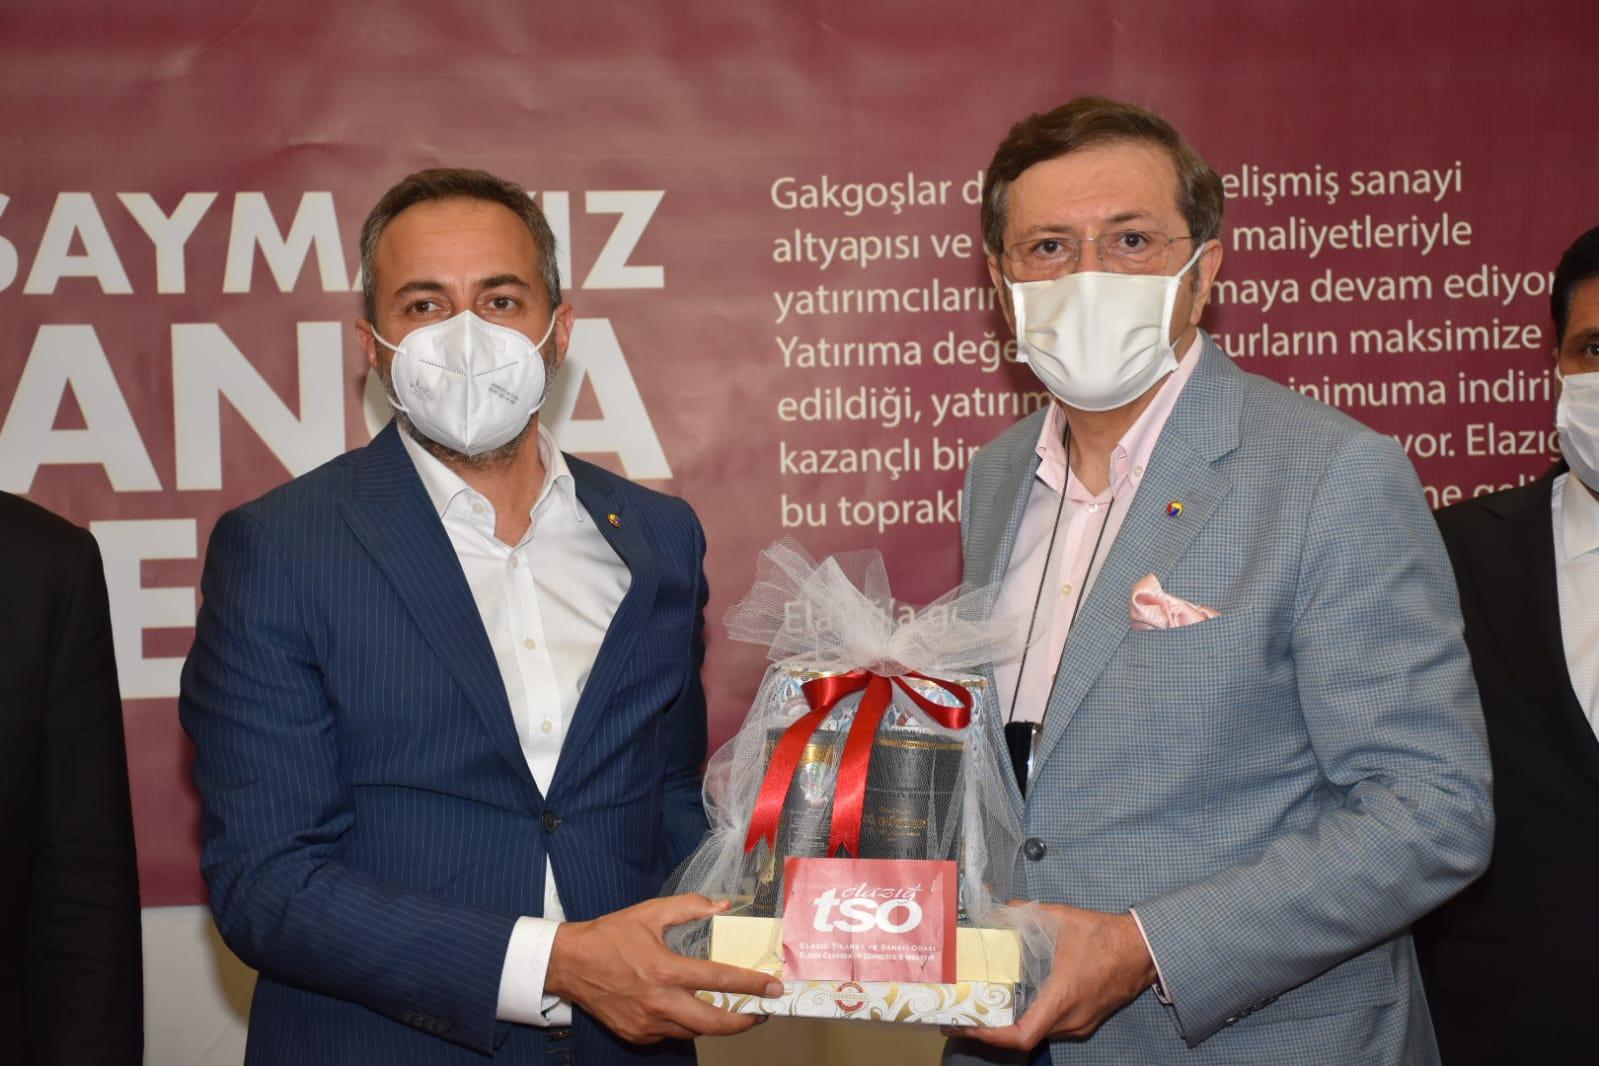 Elazığ TSO, Şanlıurfa Bölgesel Kalkınma, Yatırım, İşbirliği Forum ve Fuarı'nda Elazığ'ı Temsil Etti…